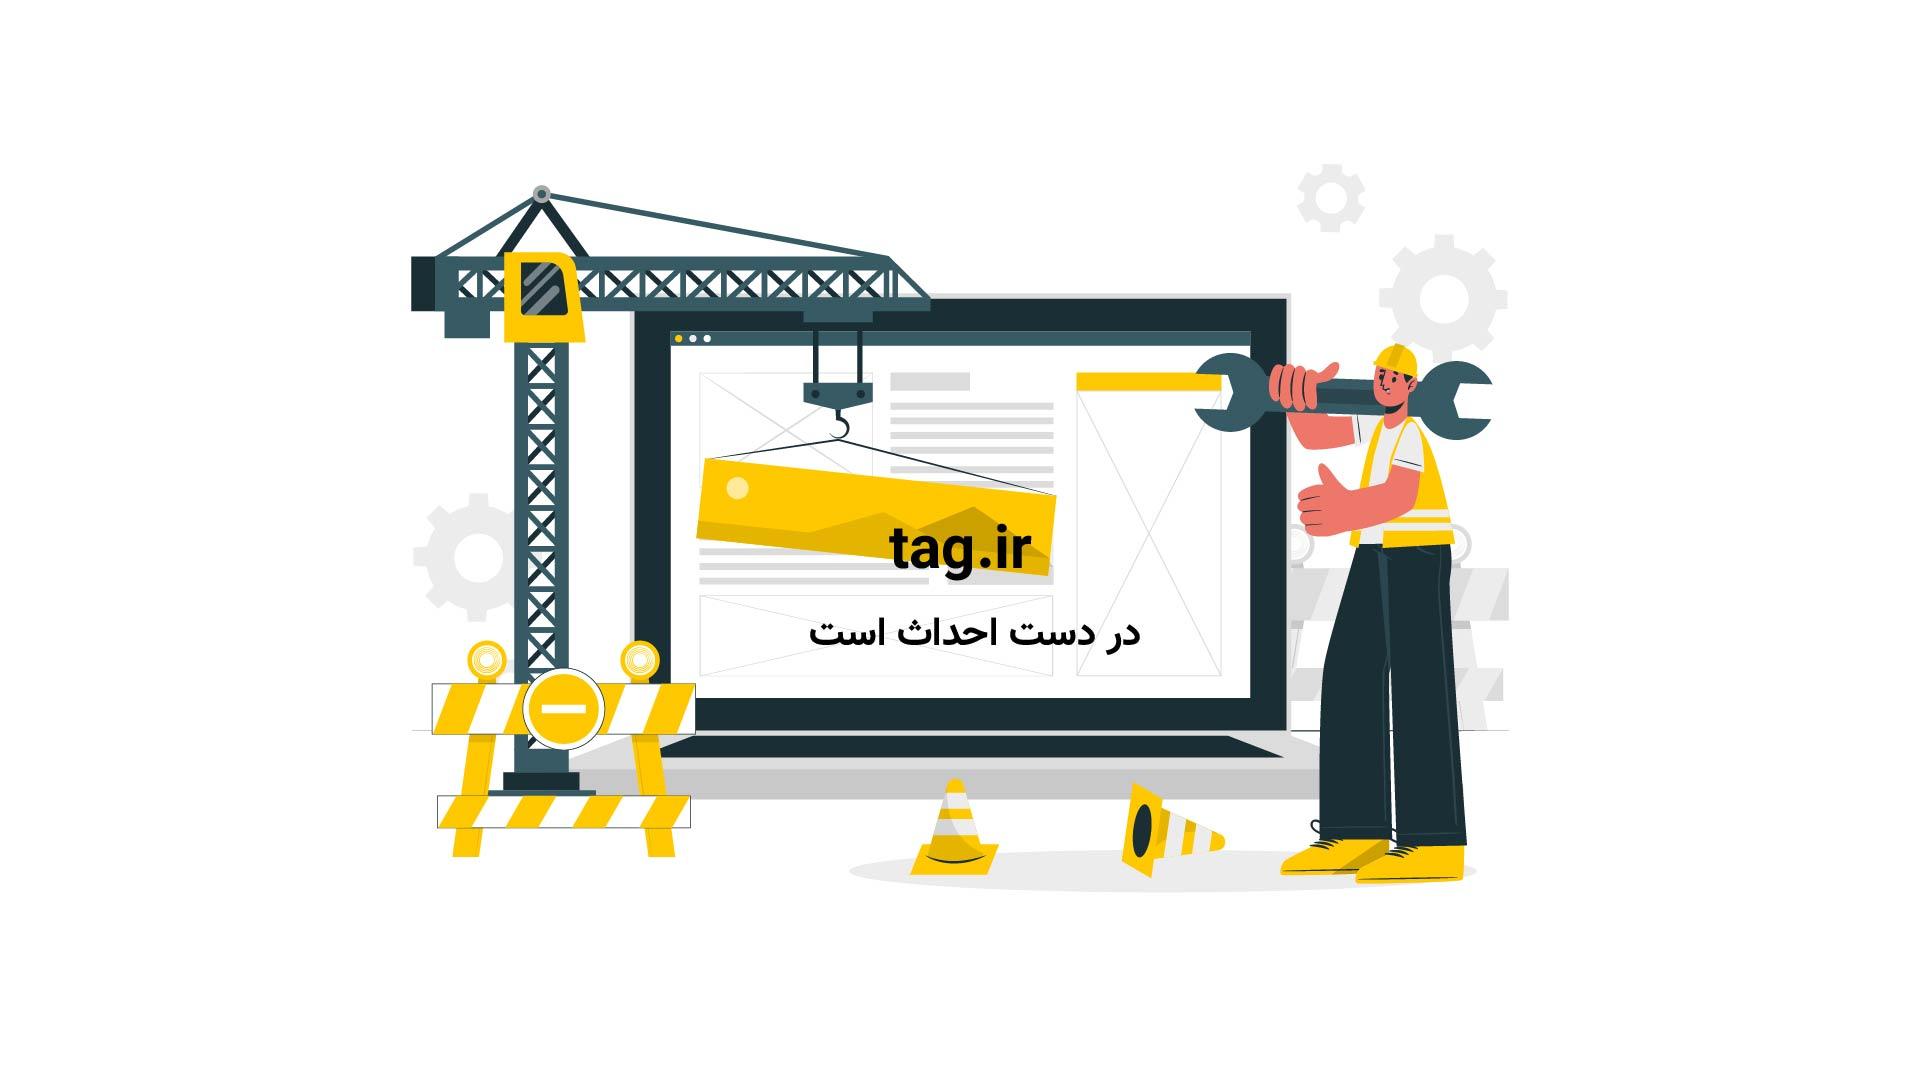 سخنرانیهای تد؛ هر آنچه در کنارتان است را میتوانید بازسازی کنید | فیلم